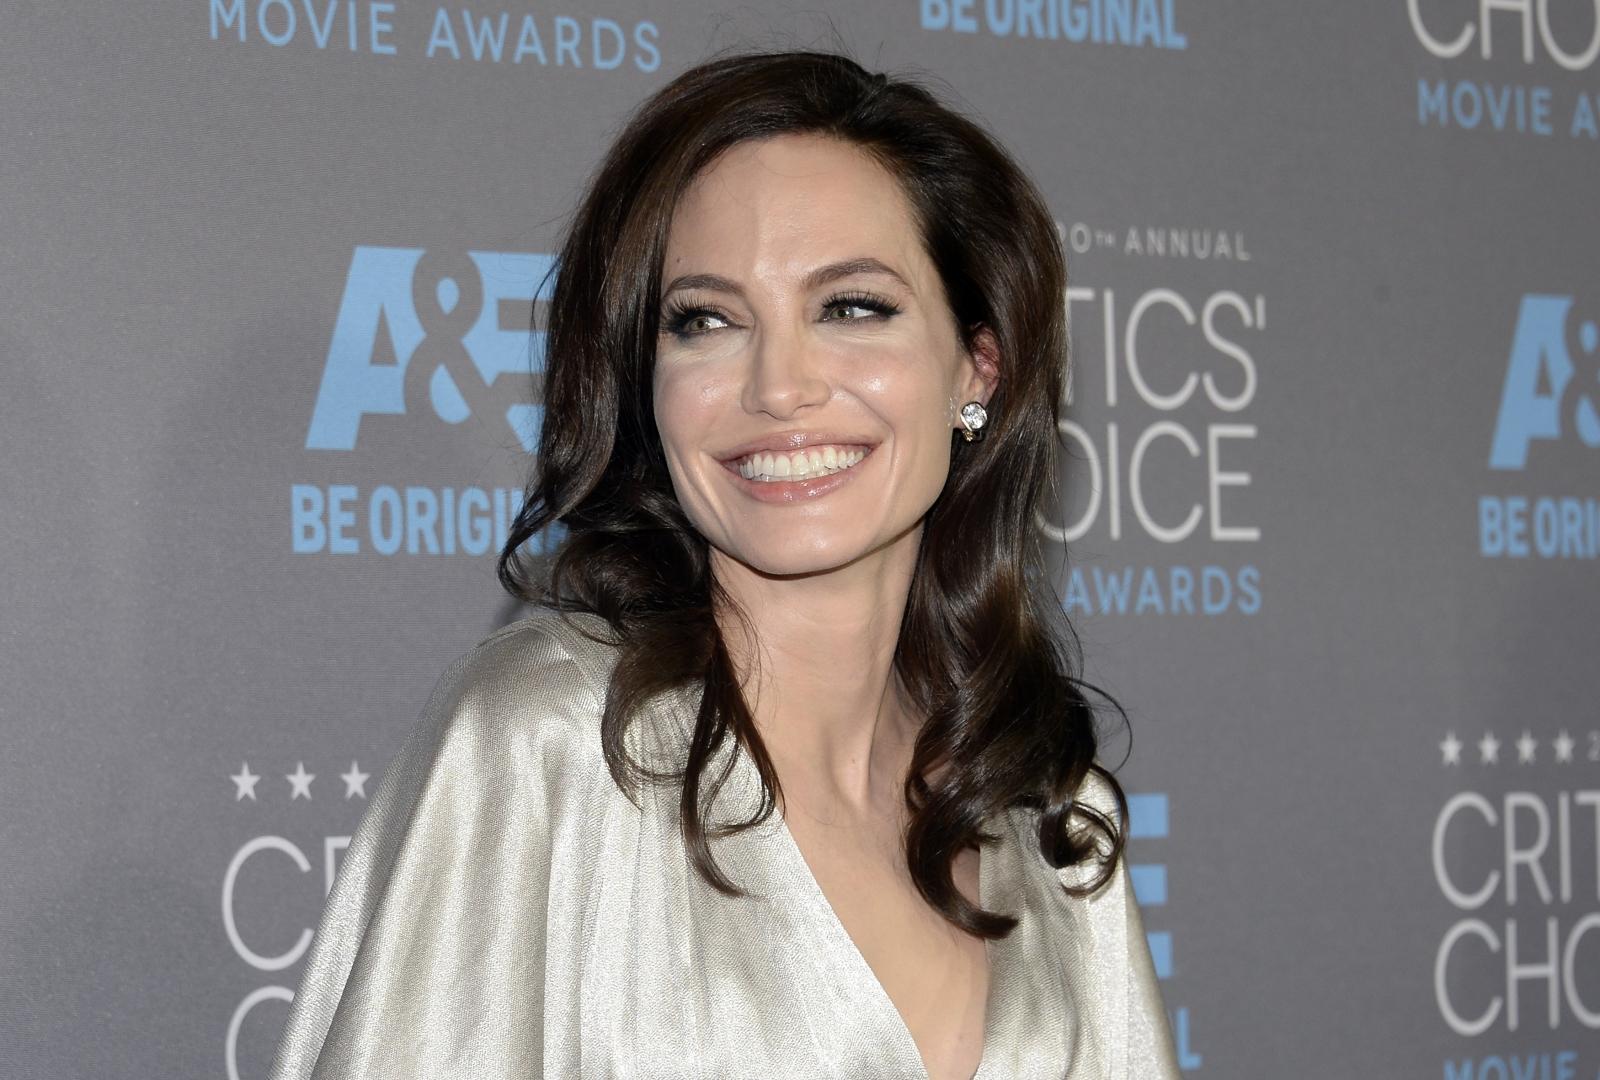 Angelina Jolie Spotted After Brad Pitt, Jennifer Aniston ...